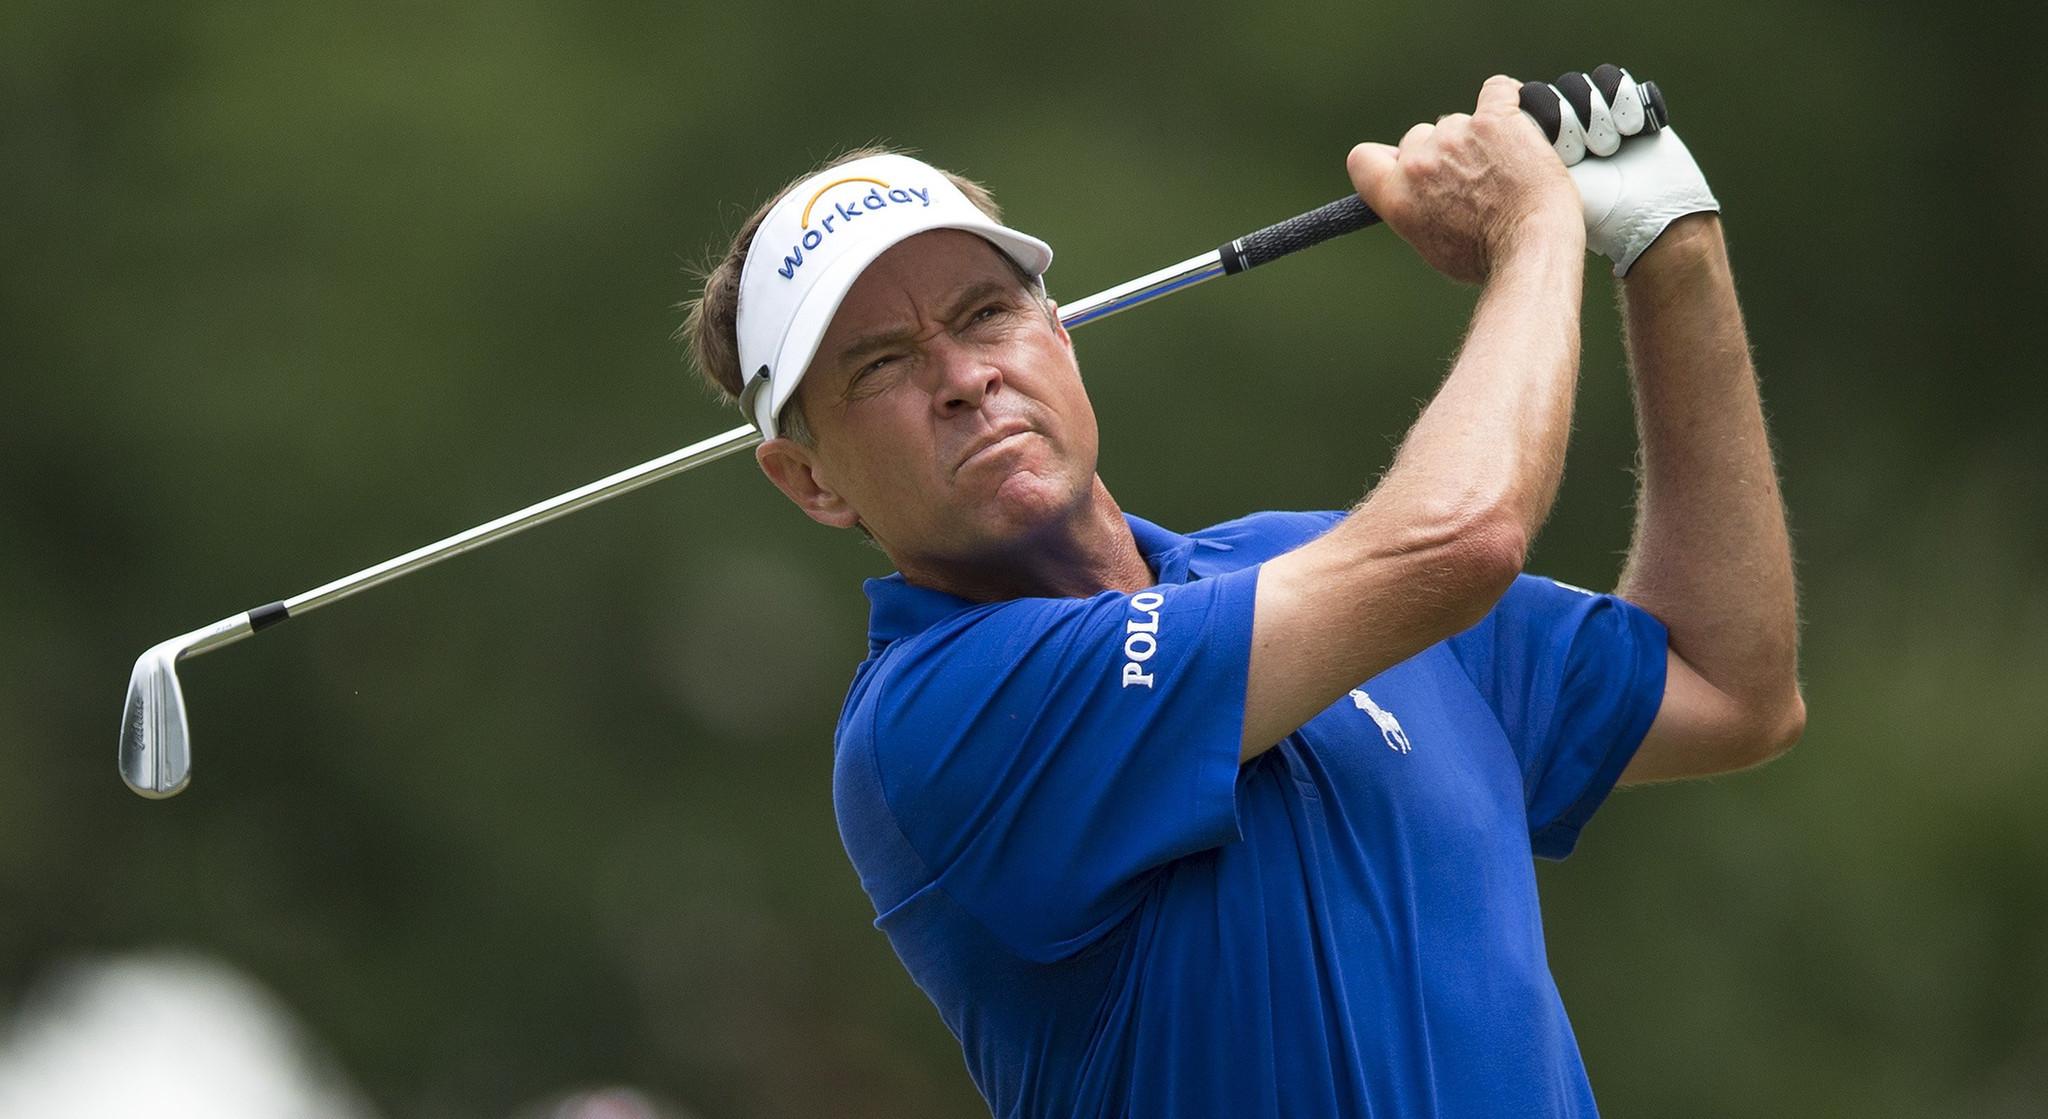 Davis Love III wins Wyndham as Tiger Woods struggles in final round